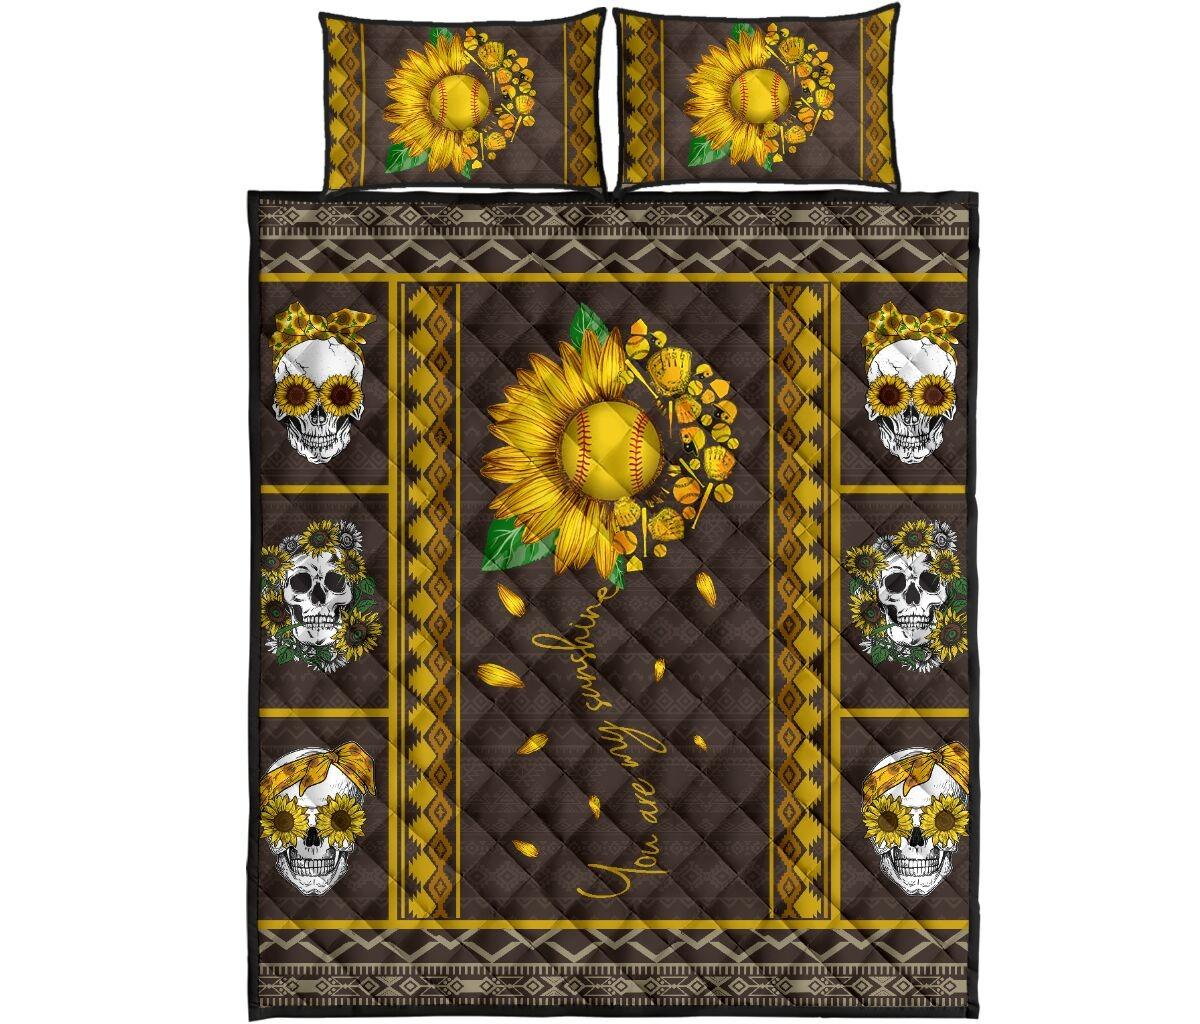 Soflball sunflower quilt bedding set4